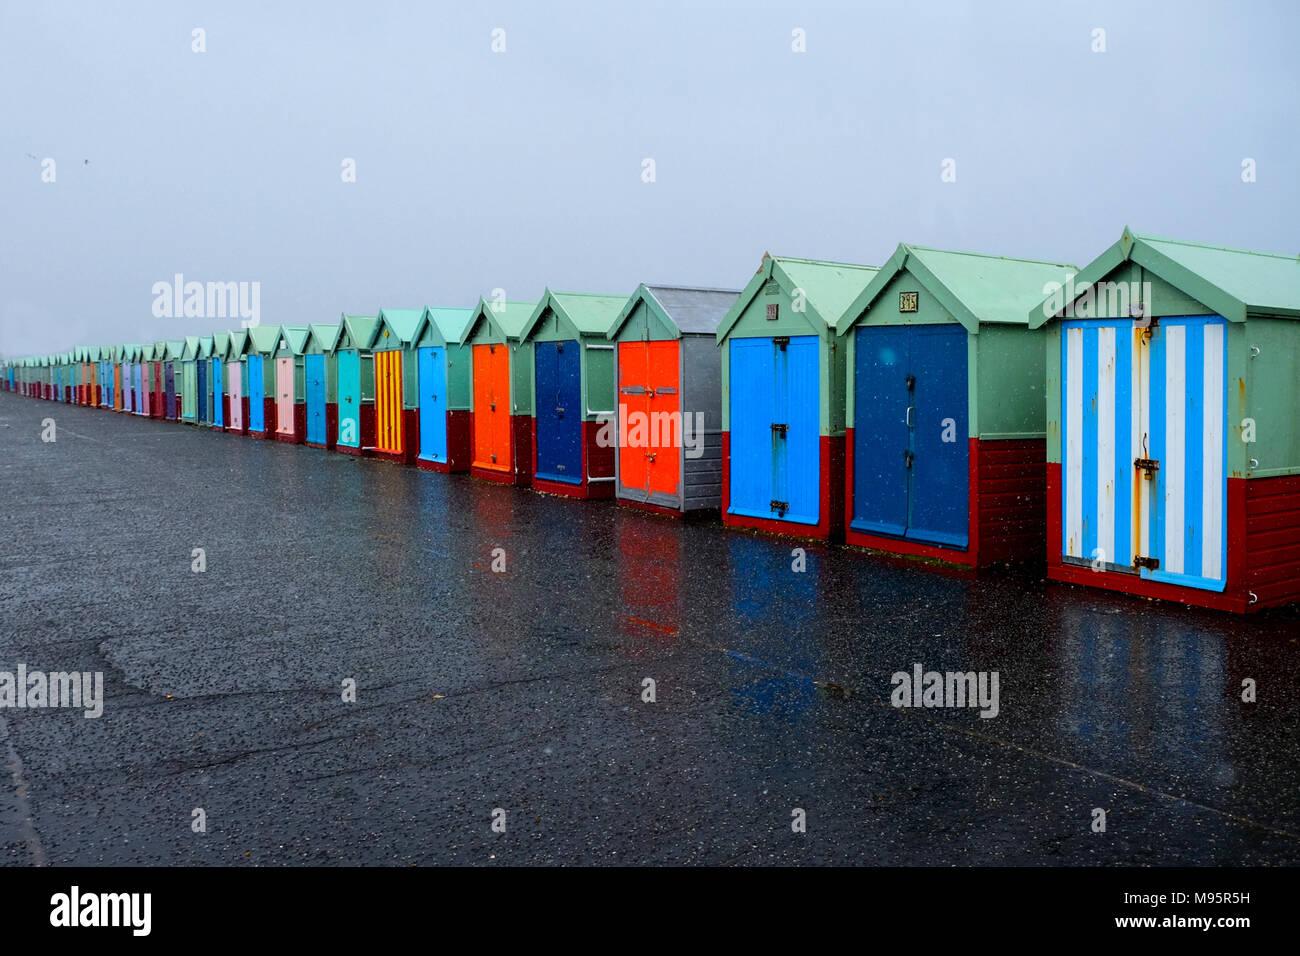 Una linea di 40 cabine sulla spiaggia, con diverse porte multicolore su un calcestruzzo lungomare, la spiaggia più vicina capanne sulla destra dell'immagine sono grandi andando t Immagini Stock